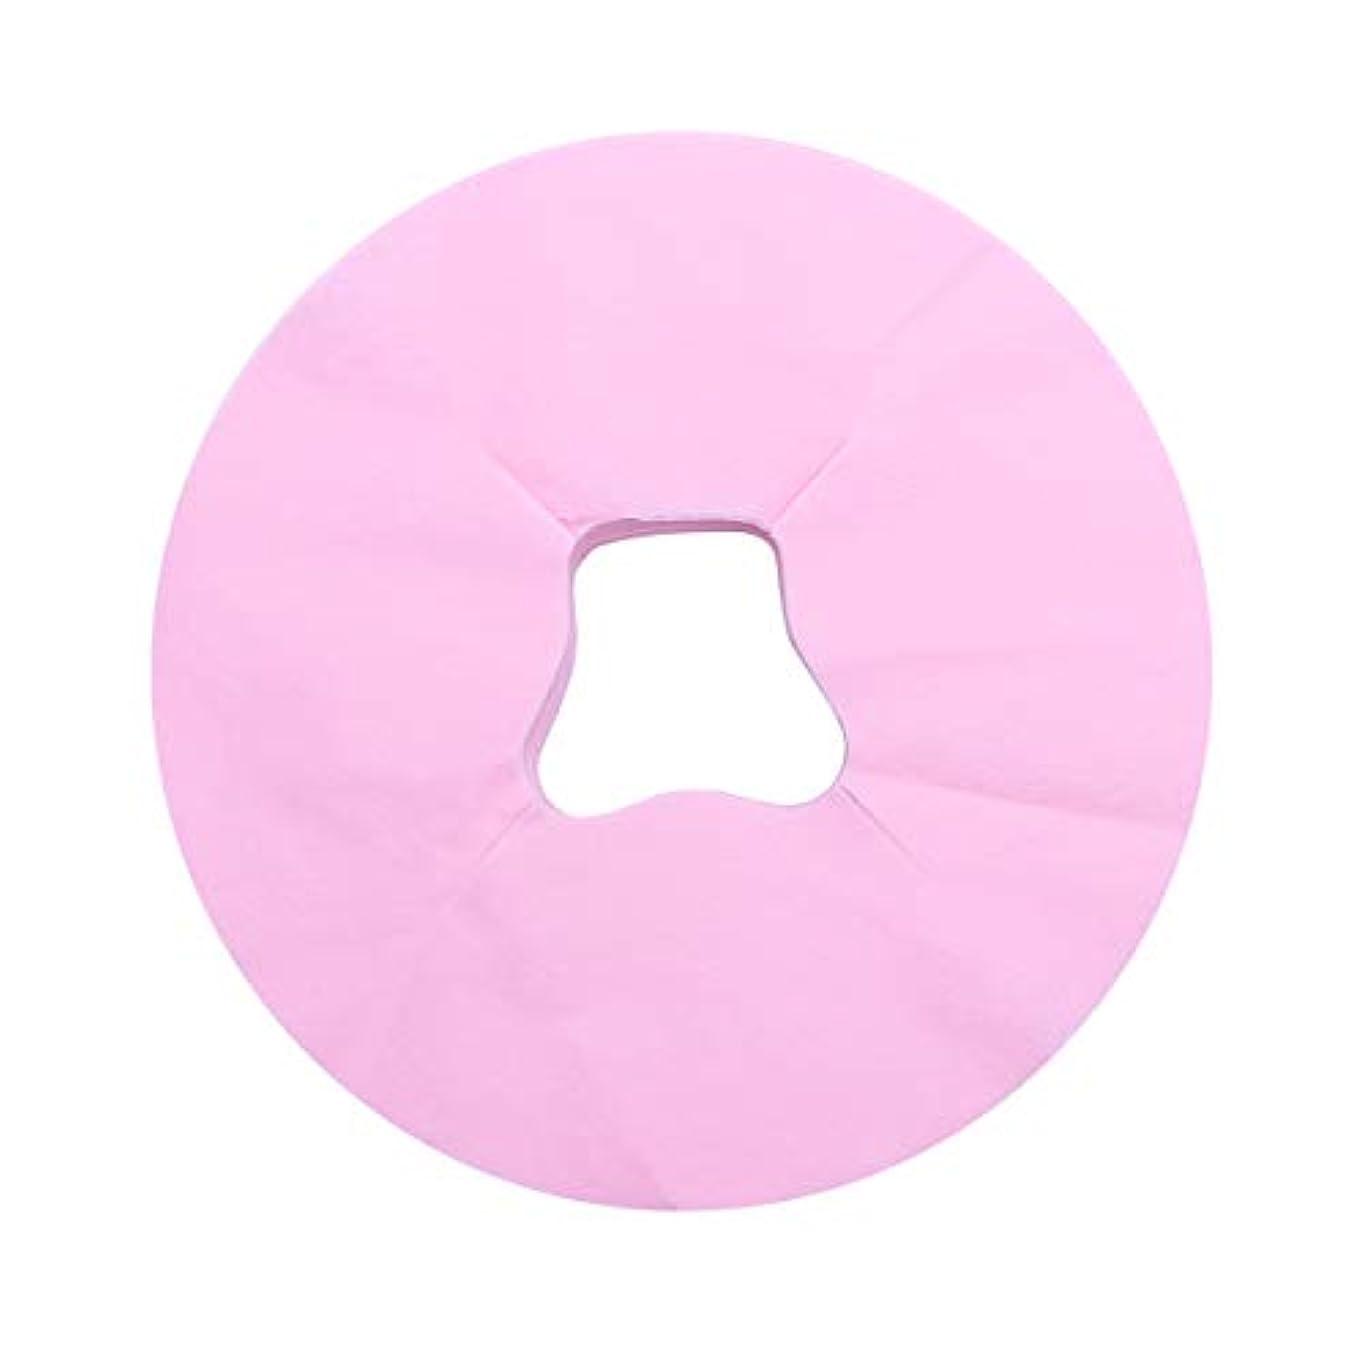 別のシャイニングファントムHealifty 100ピース使い捨てフェイスマッサージカバーパッドフェイスホールピロークッションマットサロンスパフェイシャルベッドヘッドレスト枕シート(ピンク)